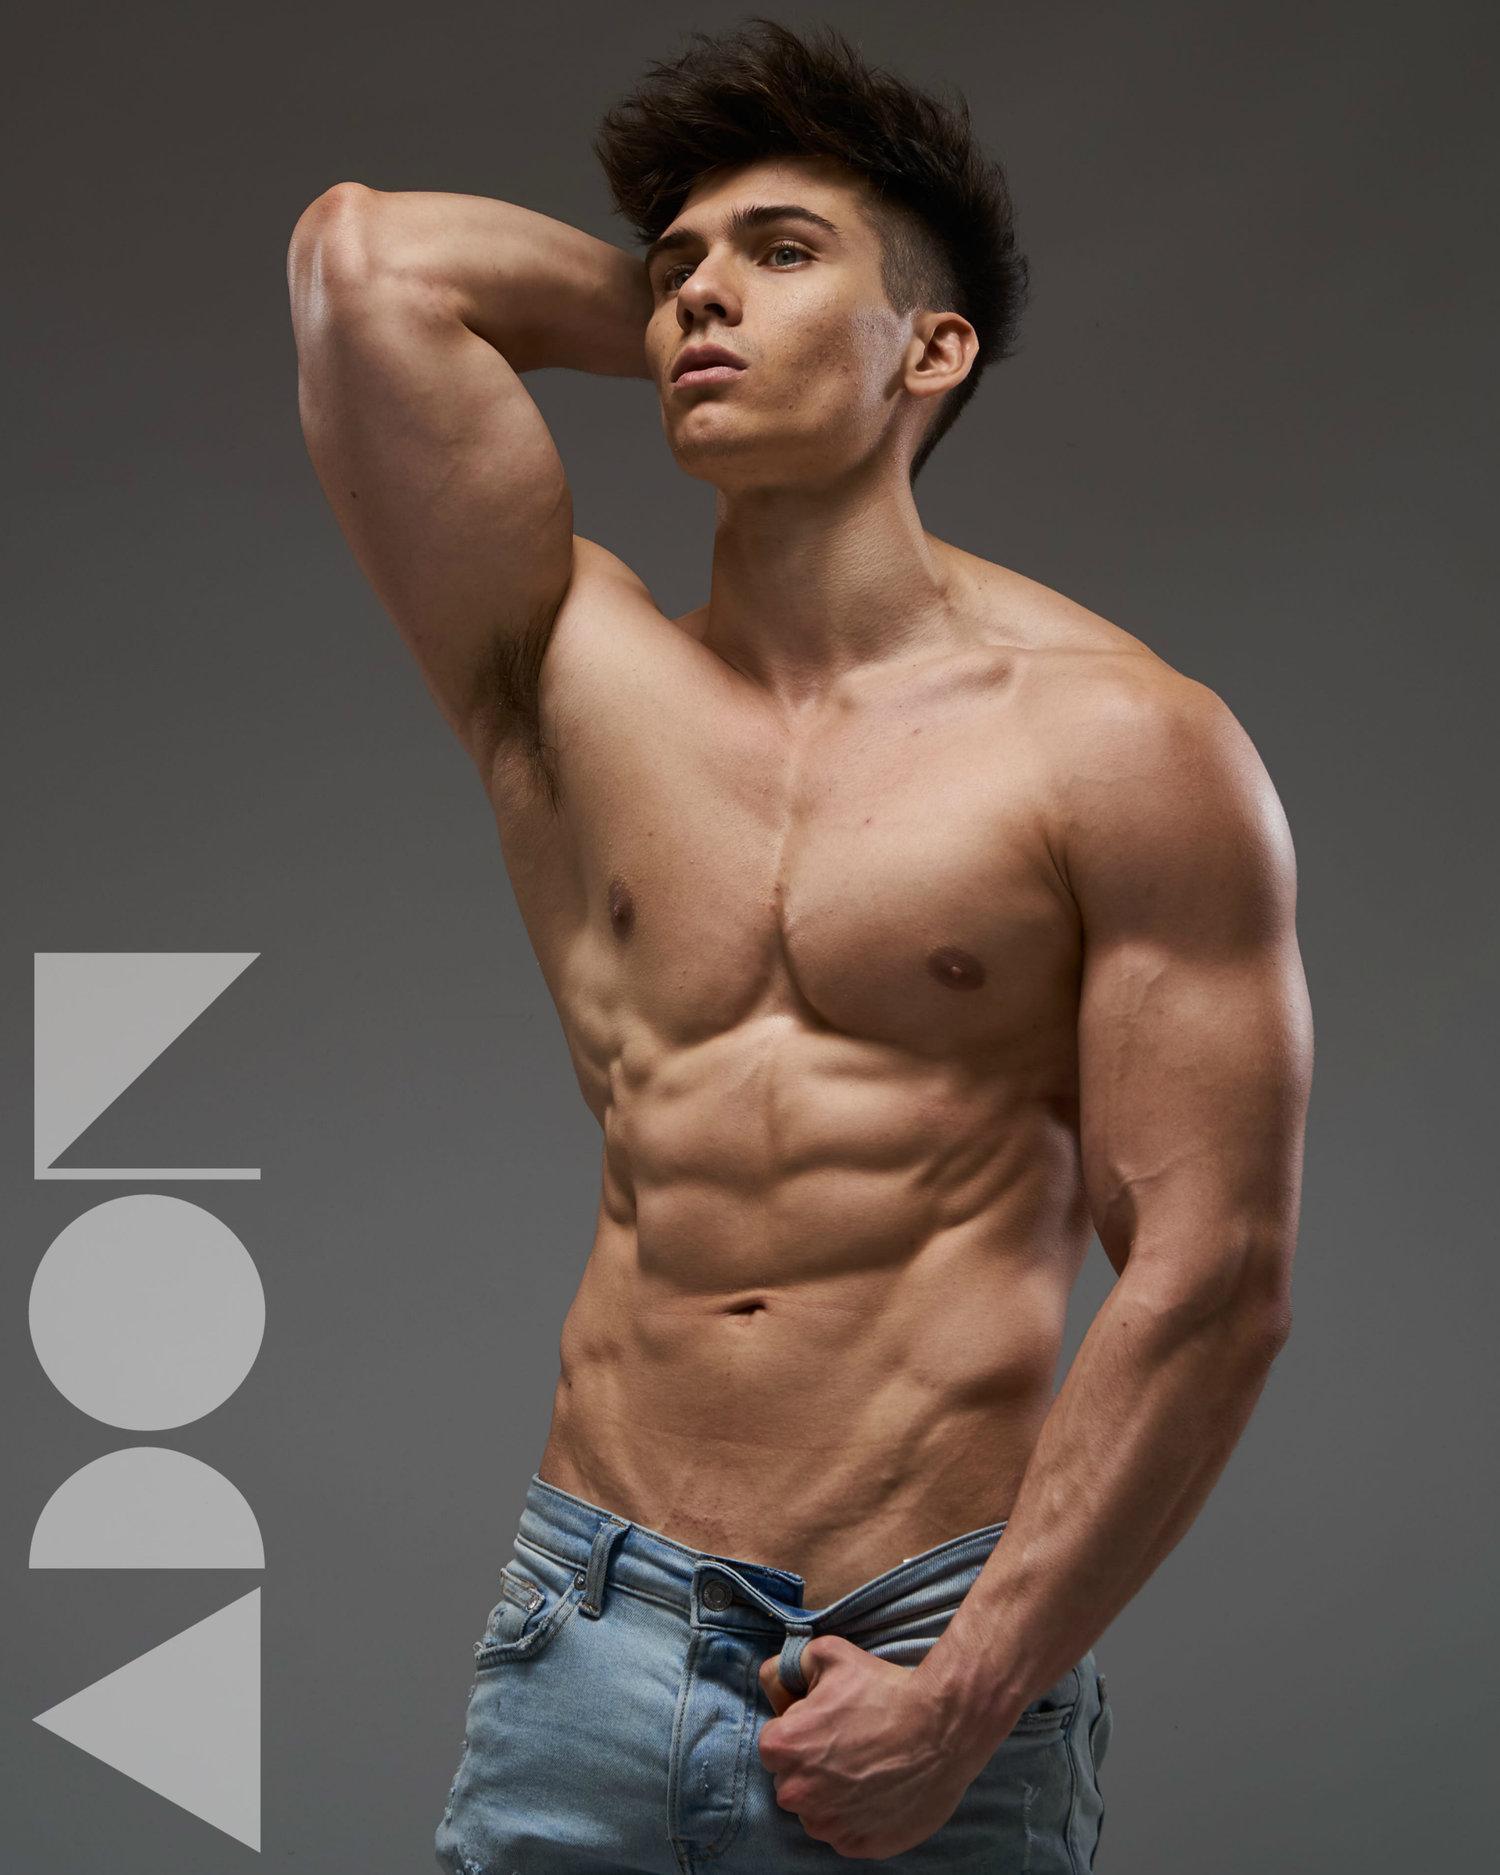 Adon Exclusive: Model Michael Sherman By Travis Lane